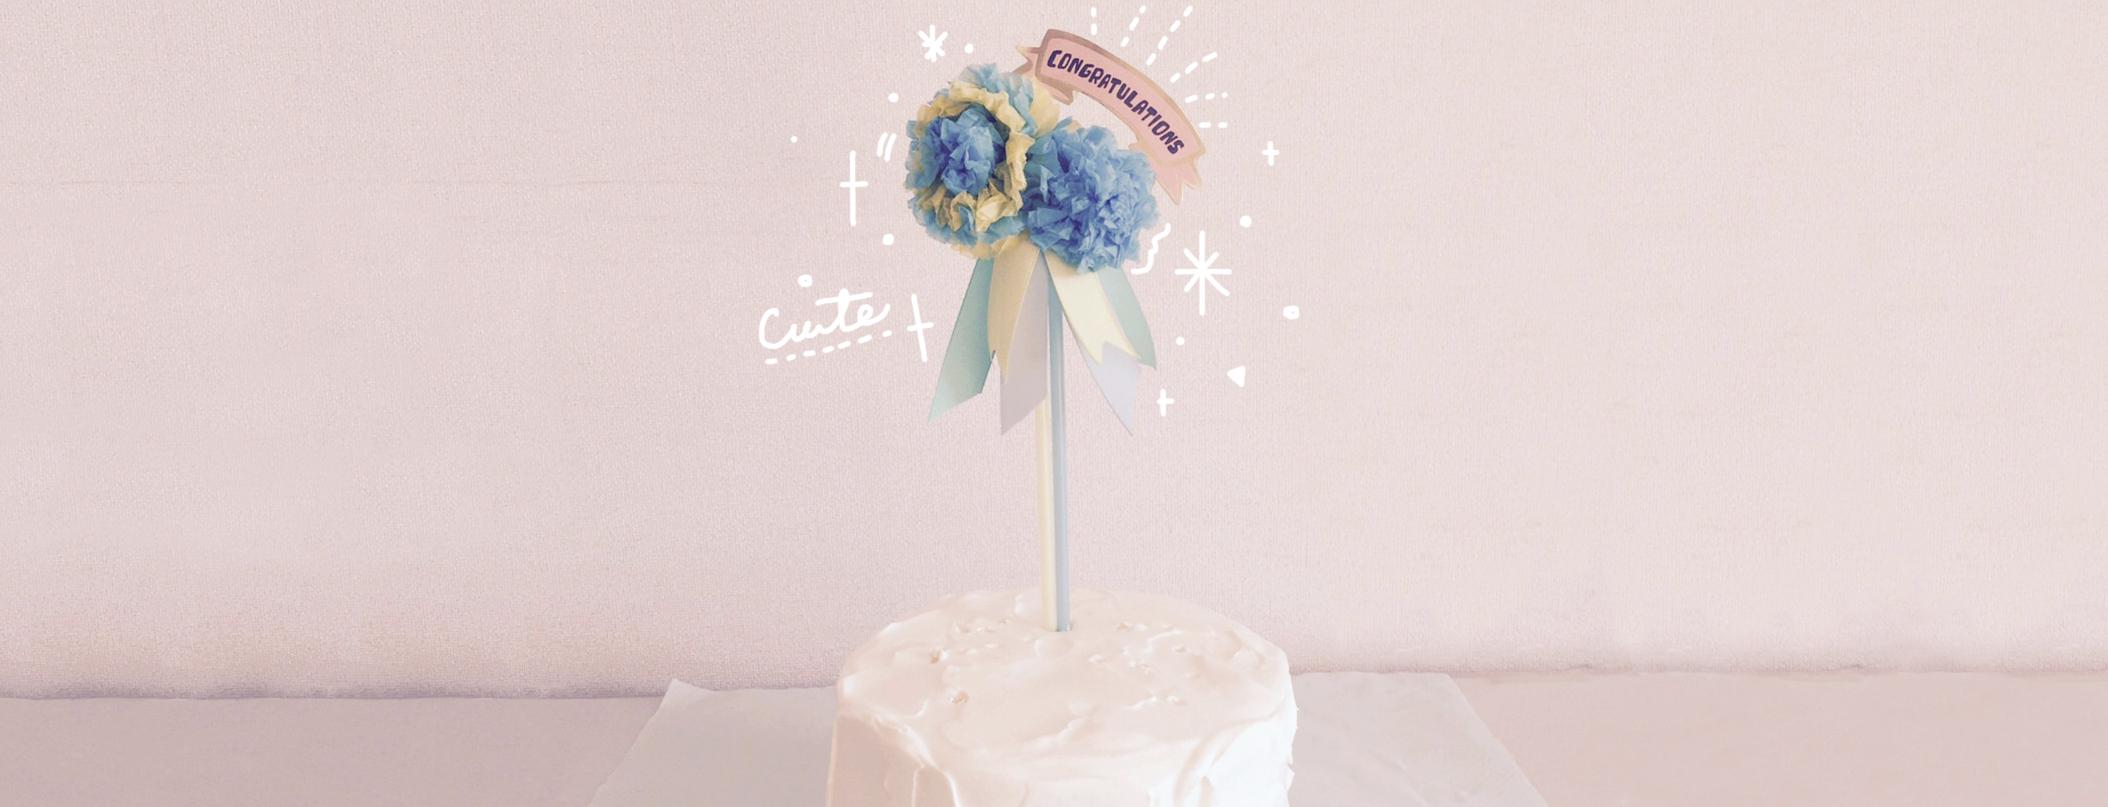 特別な日のケーキは手づくりのケーキトッパーでサプライズ度UP!